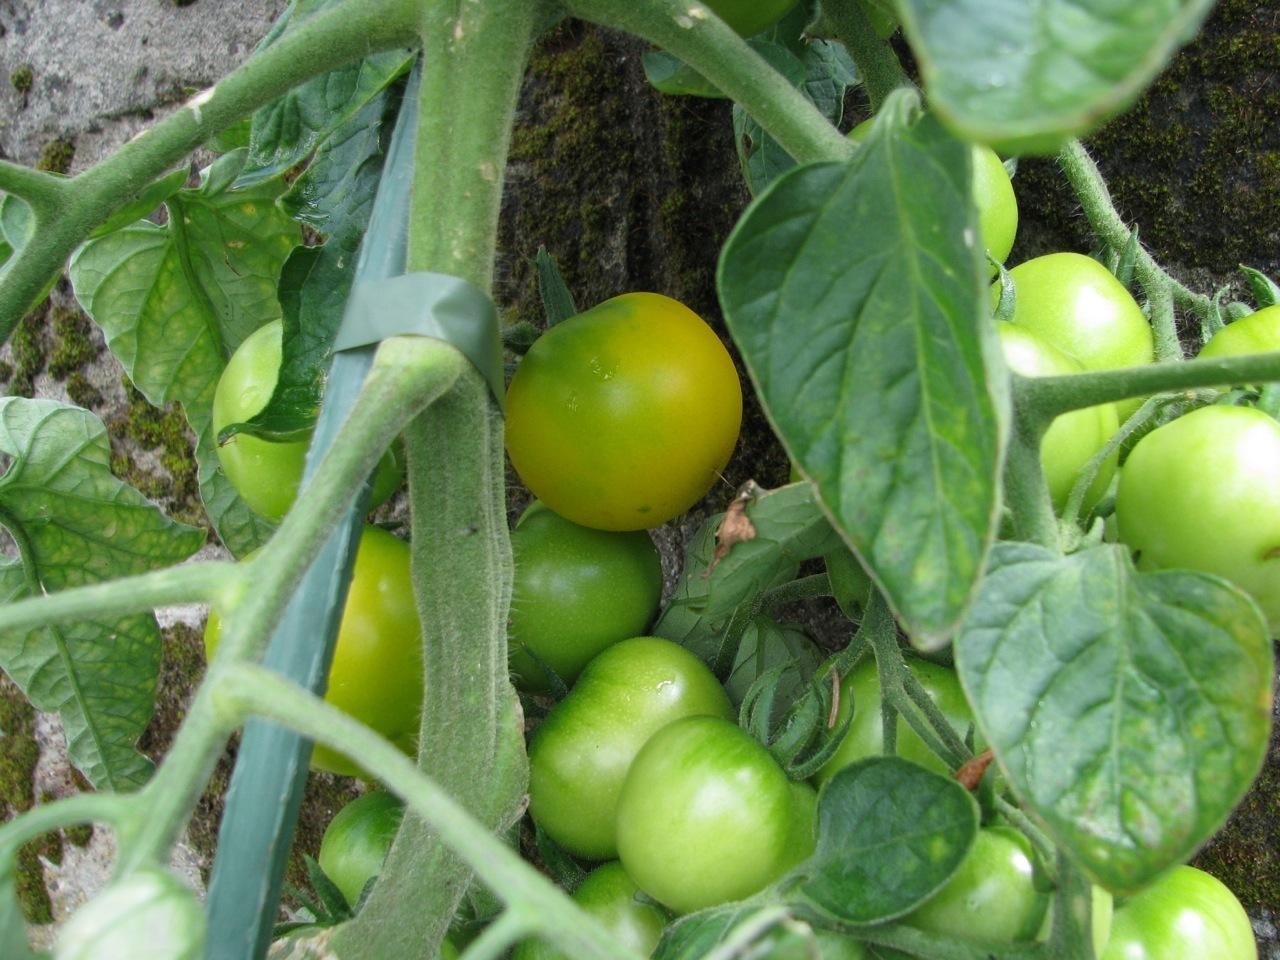 Blondköpfchen gold-gelbe Tomate sehr ertragreich hocharomatisch